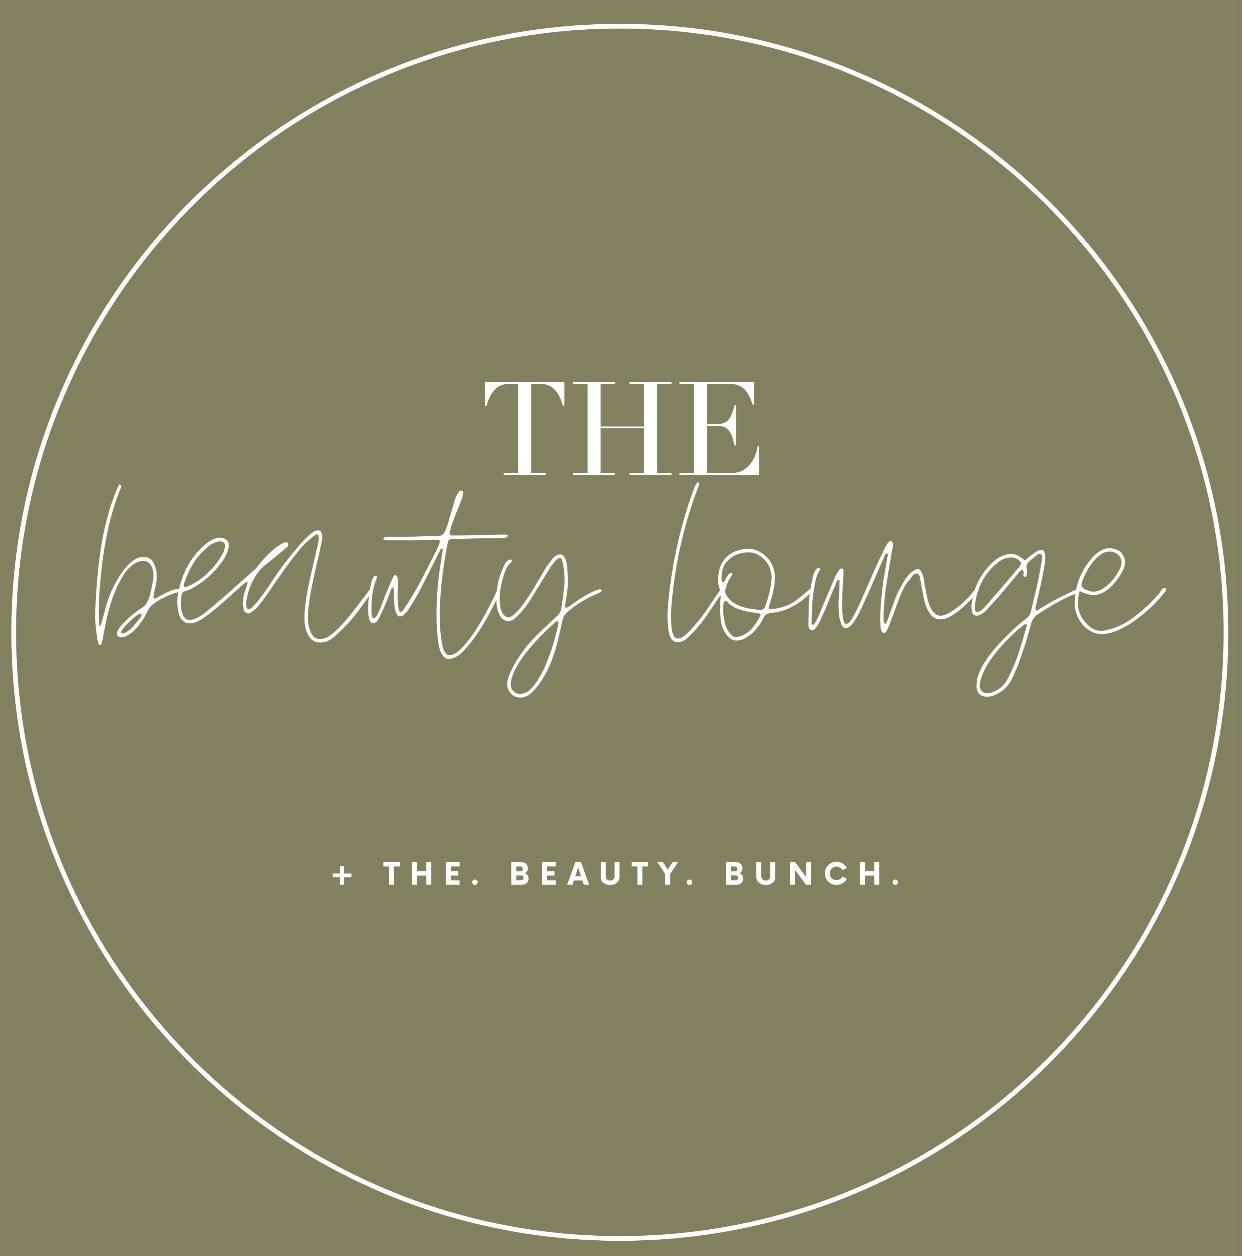 The Beauty Lounge